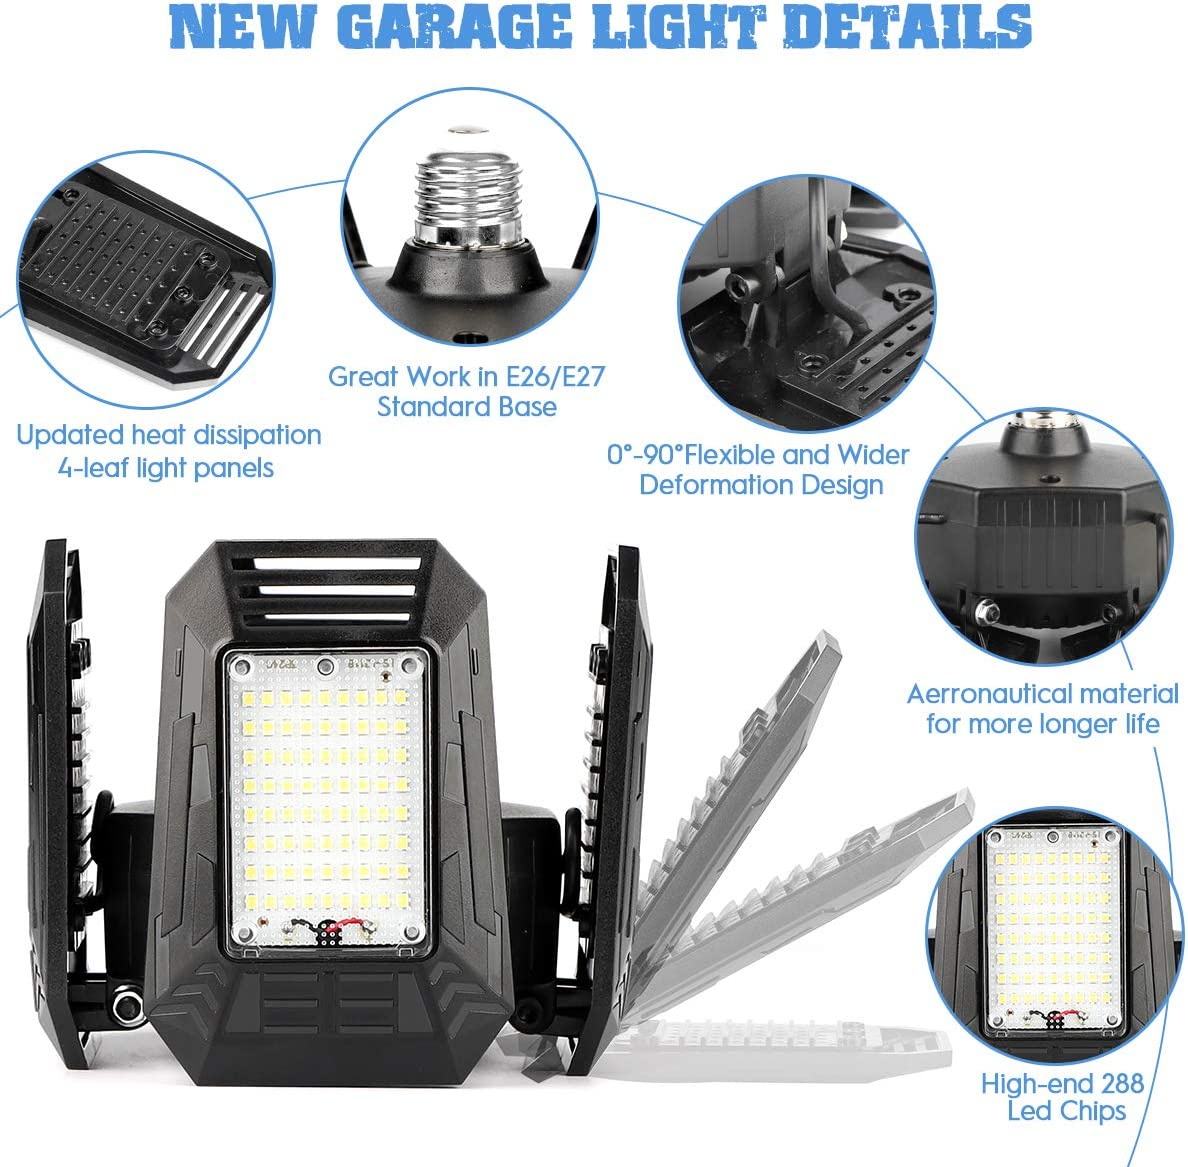 Kaqinu 4 Panels 100W Adjustable Ceiling Garage Light with E26//E27 Screw Base 12000LM-6500K Deformable Lighting for Garage Barn Workshop Warehouse Residential High Bay Light 2 Pack LED Garage Lights